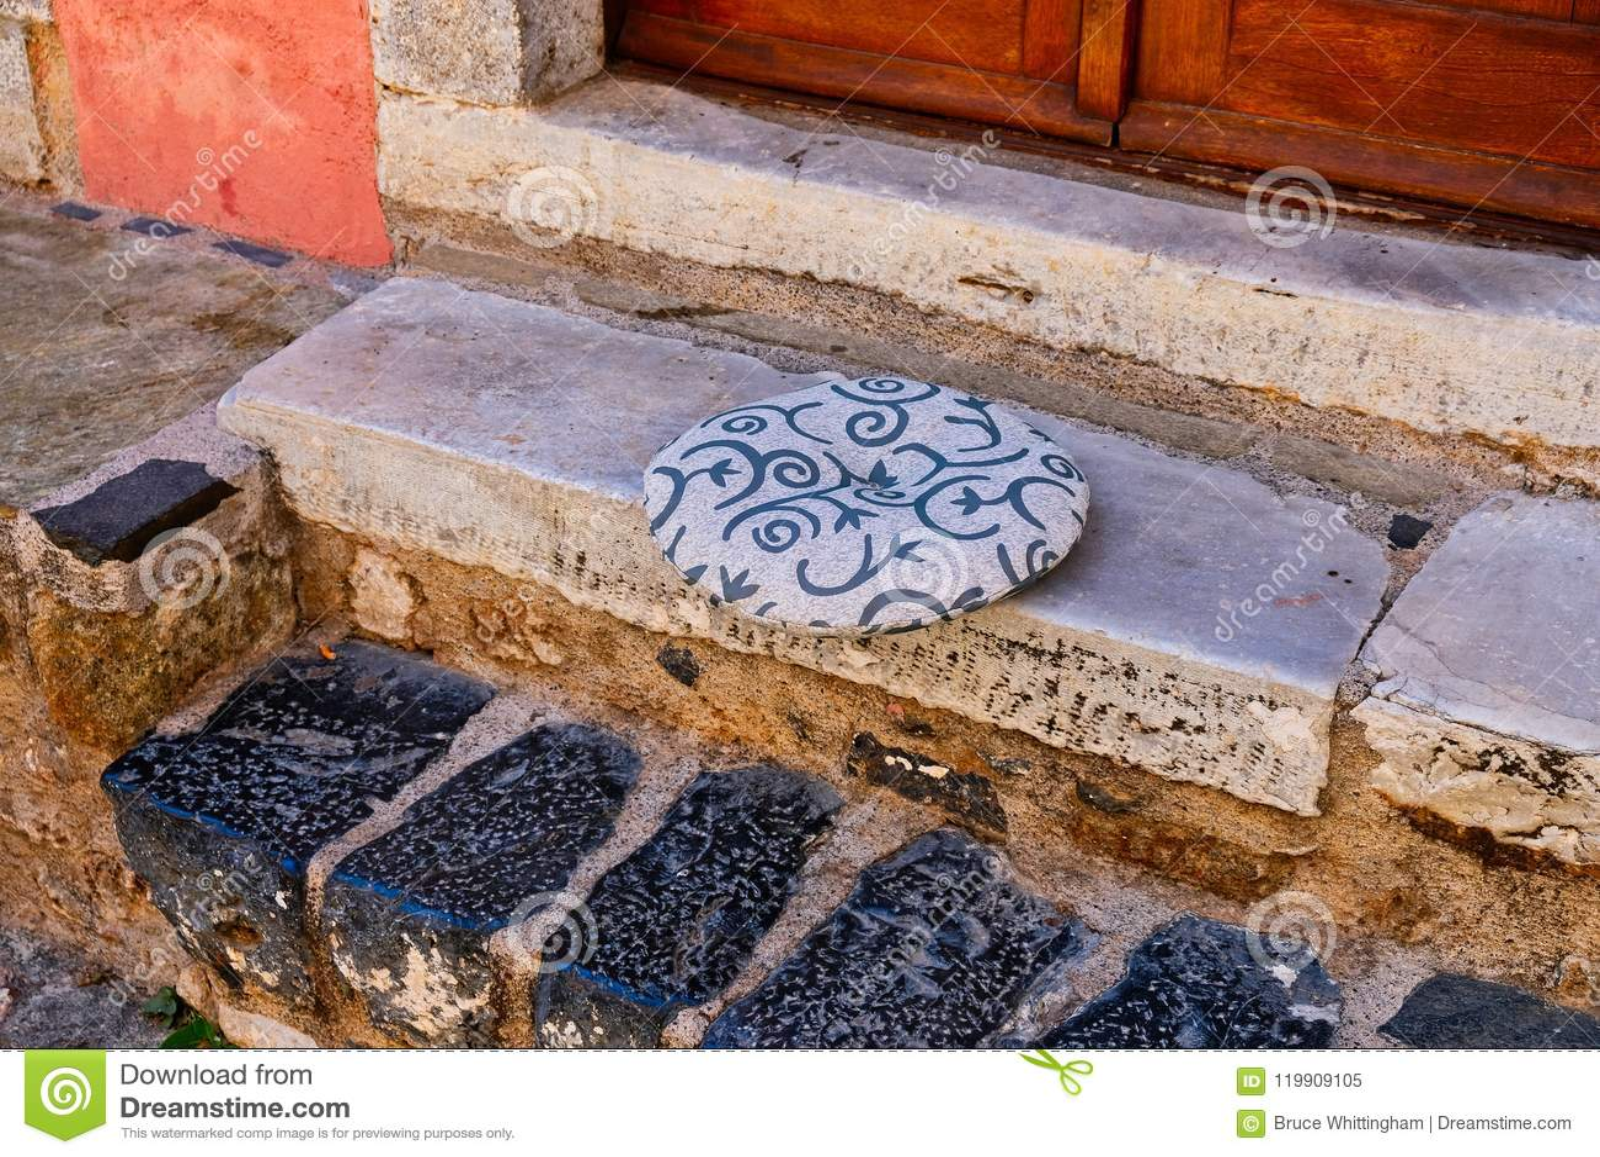 Round Cushion on Marble Step, Monemvasia, Greece